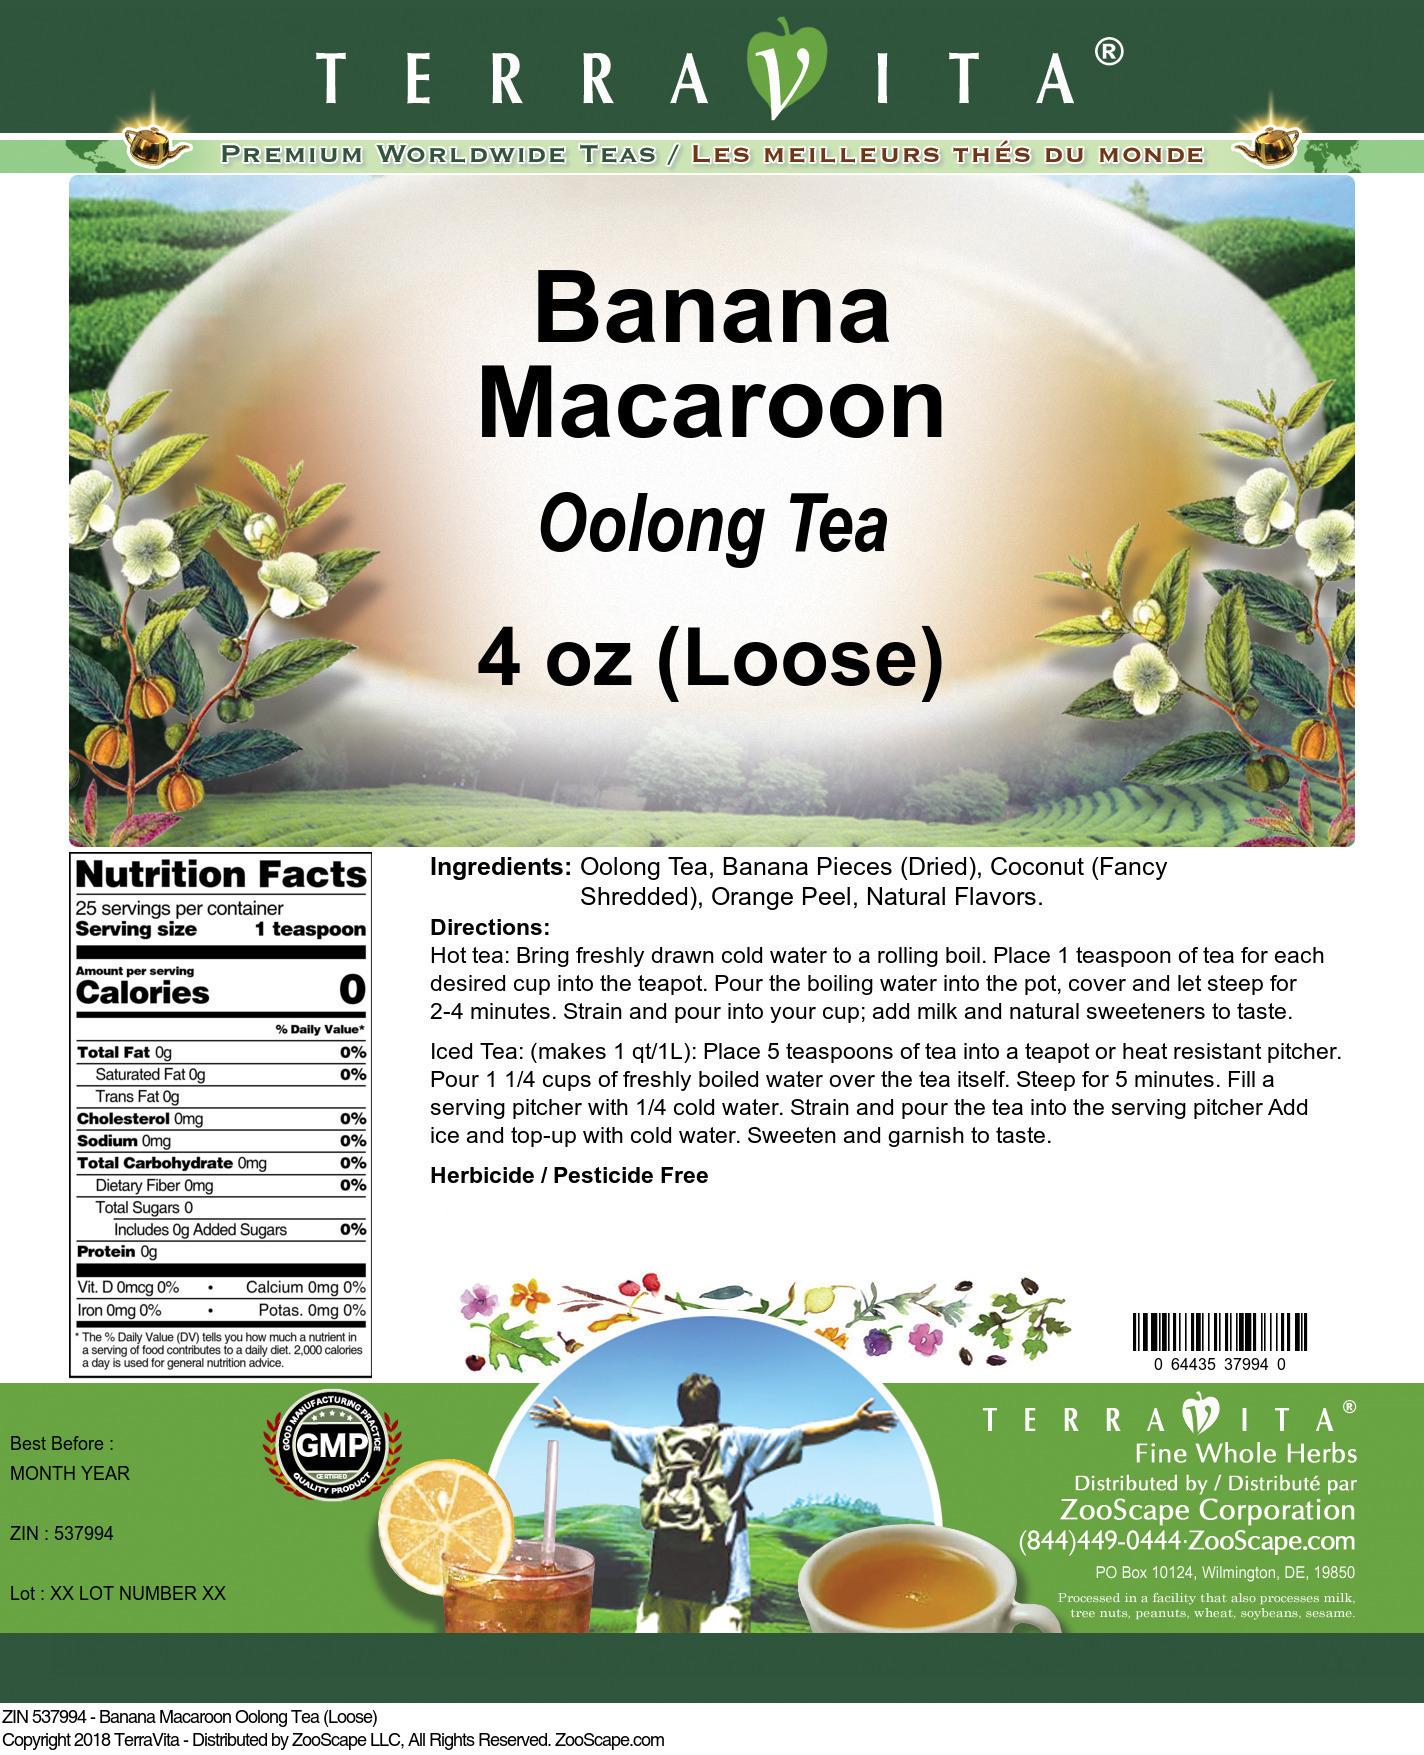 Banana Macaroon Oolong Tea (Loose)